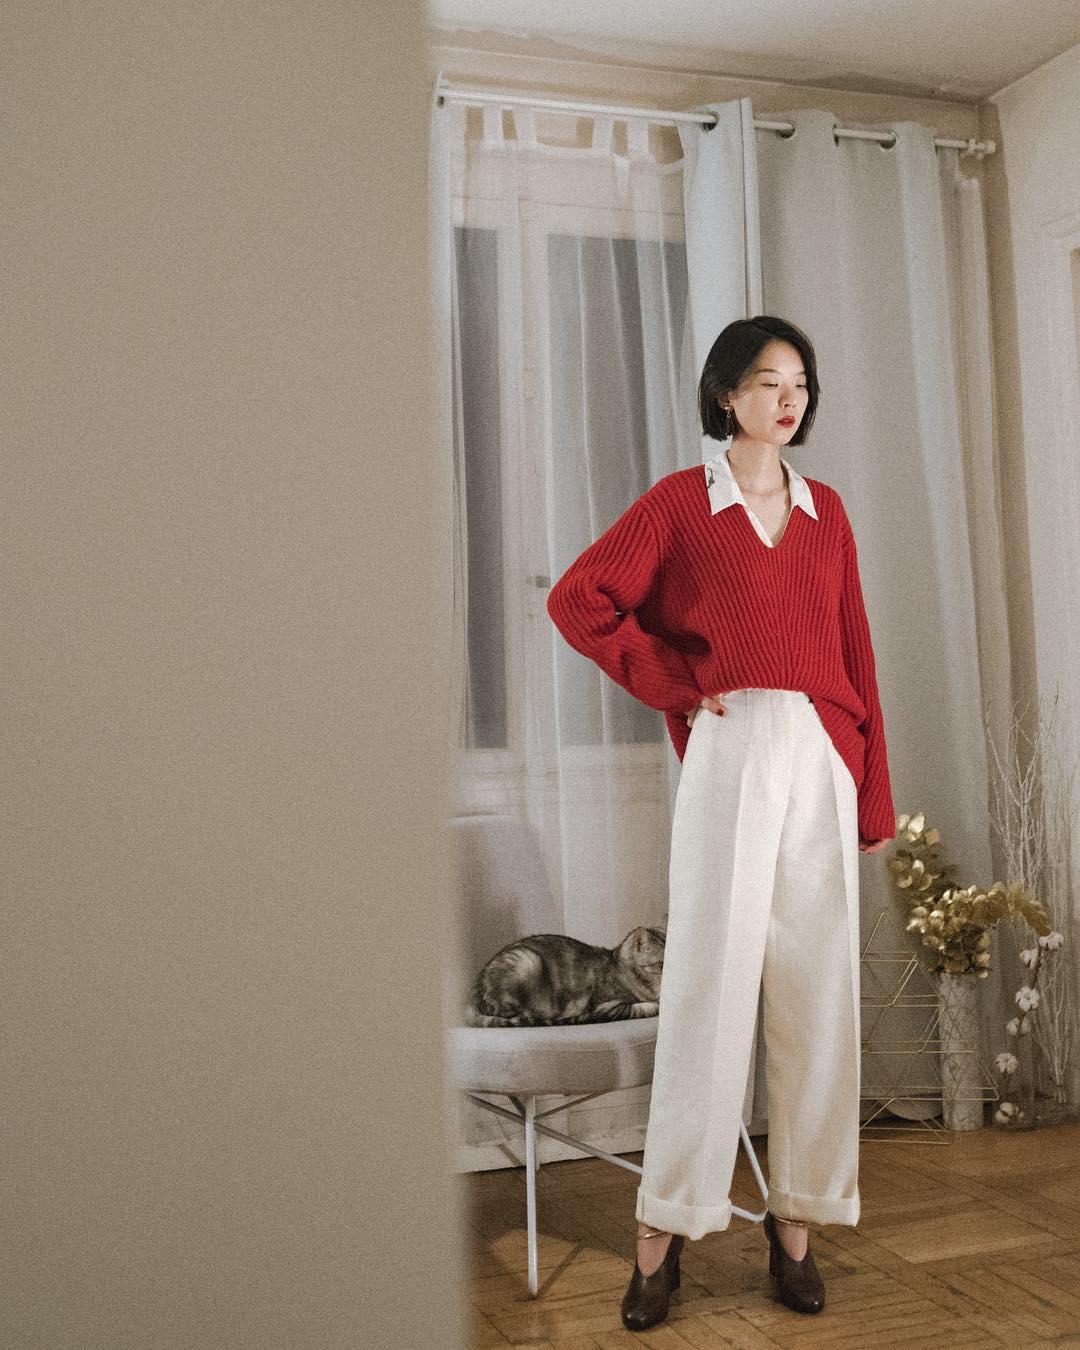 cô gái tóc ngắn phối đồ layer với sweater đỏ áo trắng